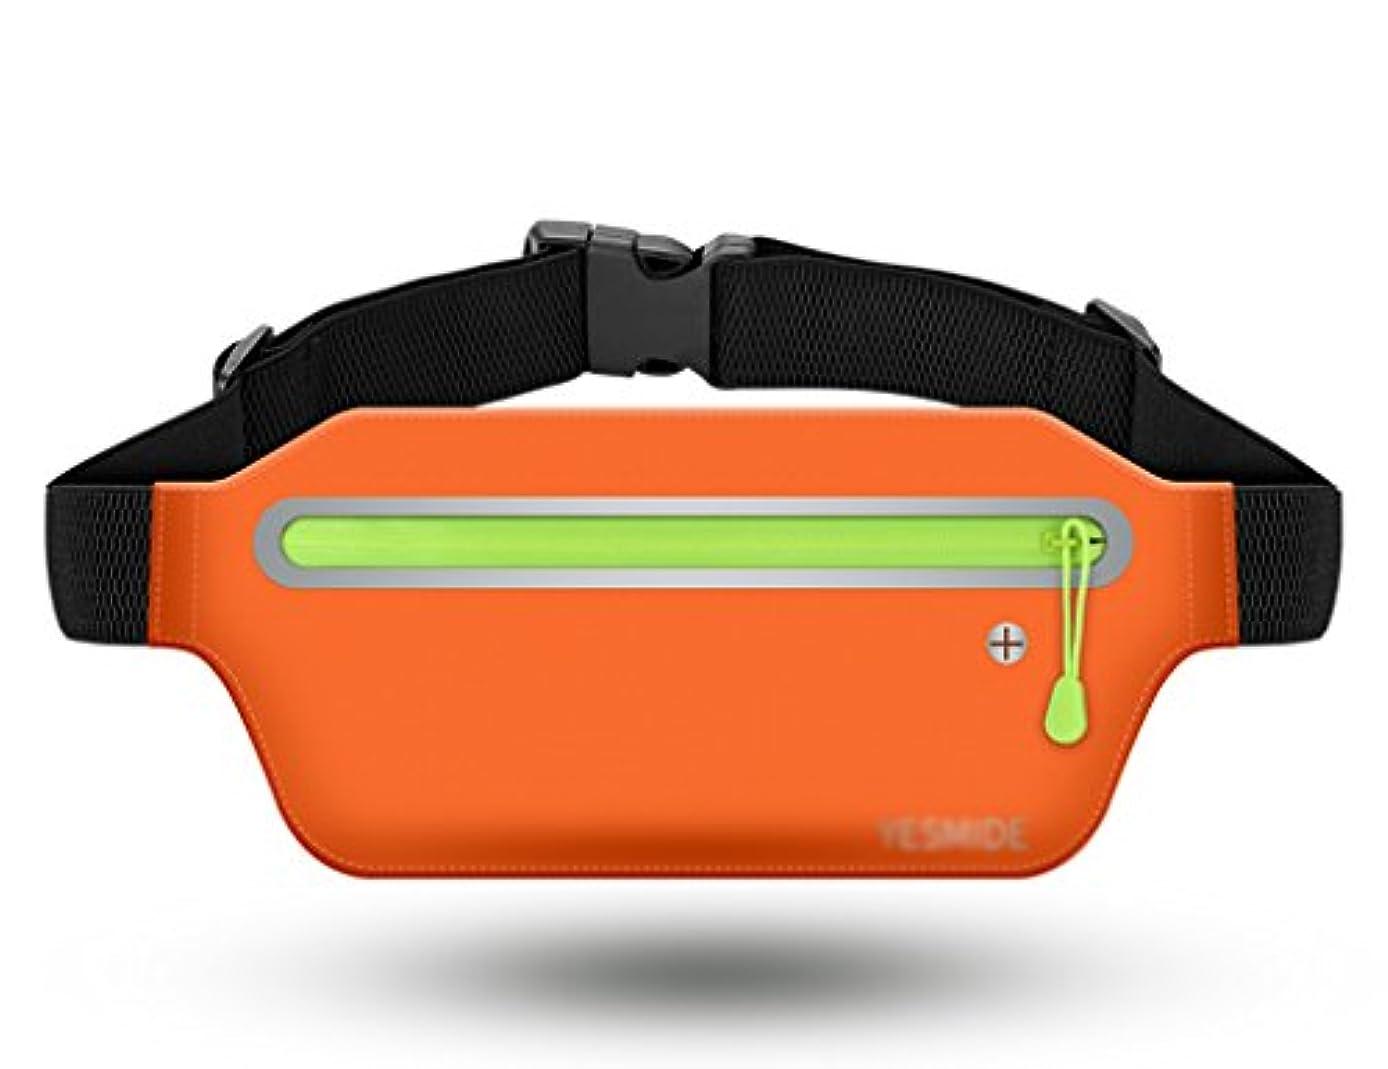 厄介な乗算靄TH 屋外運動ウエストバッグラン電話ウエストバッグ多機能ウエストバッグフィットネス防水目に見えない閉じる フィットネスベルト ( 色 : オレンジ )